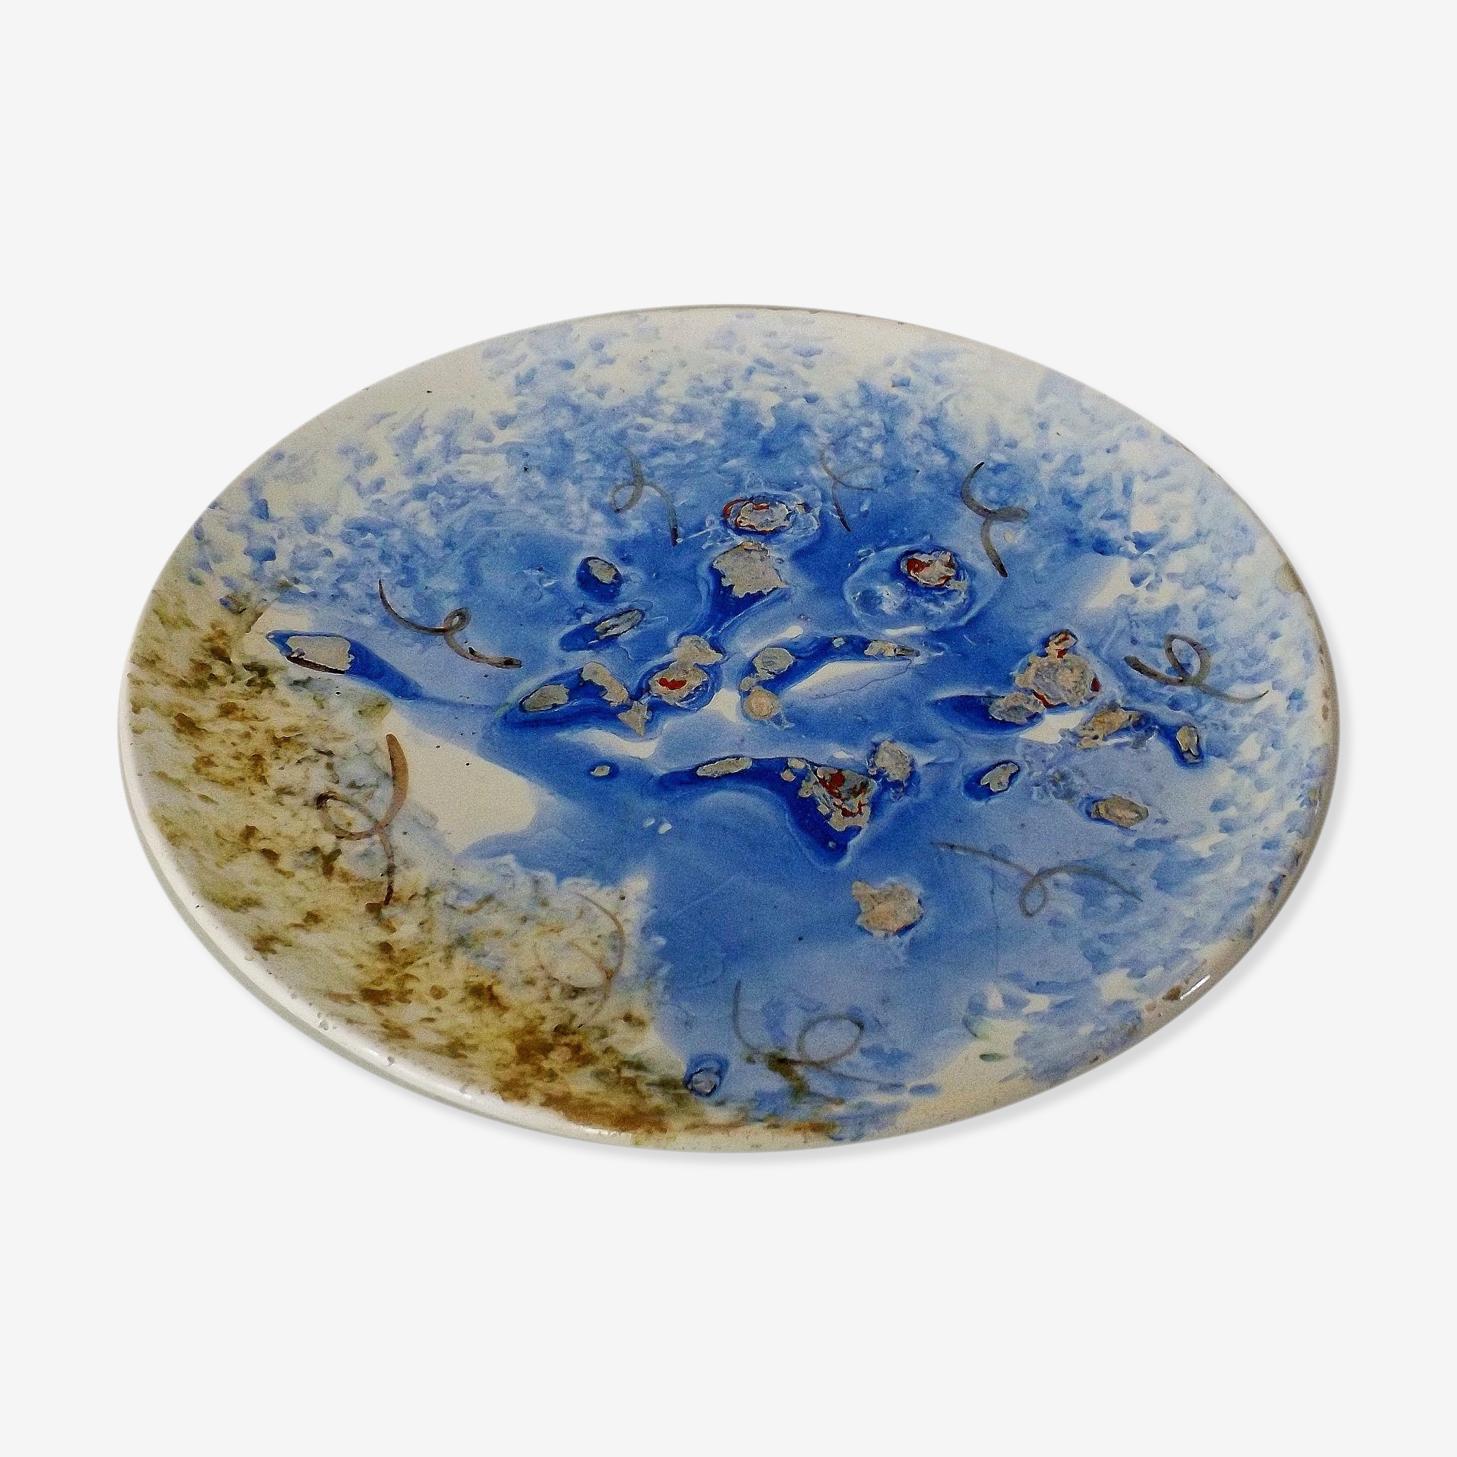 Assiette céramique / Plat Décor émaillée bleu, circa 1970